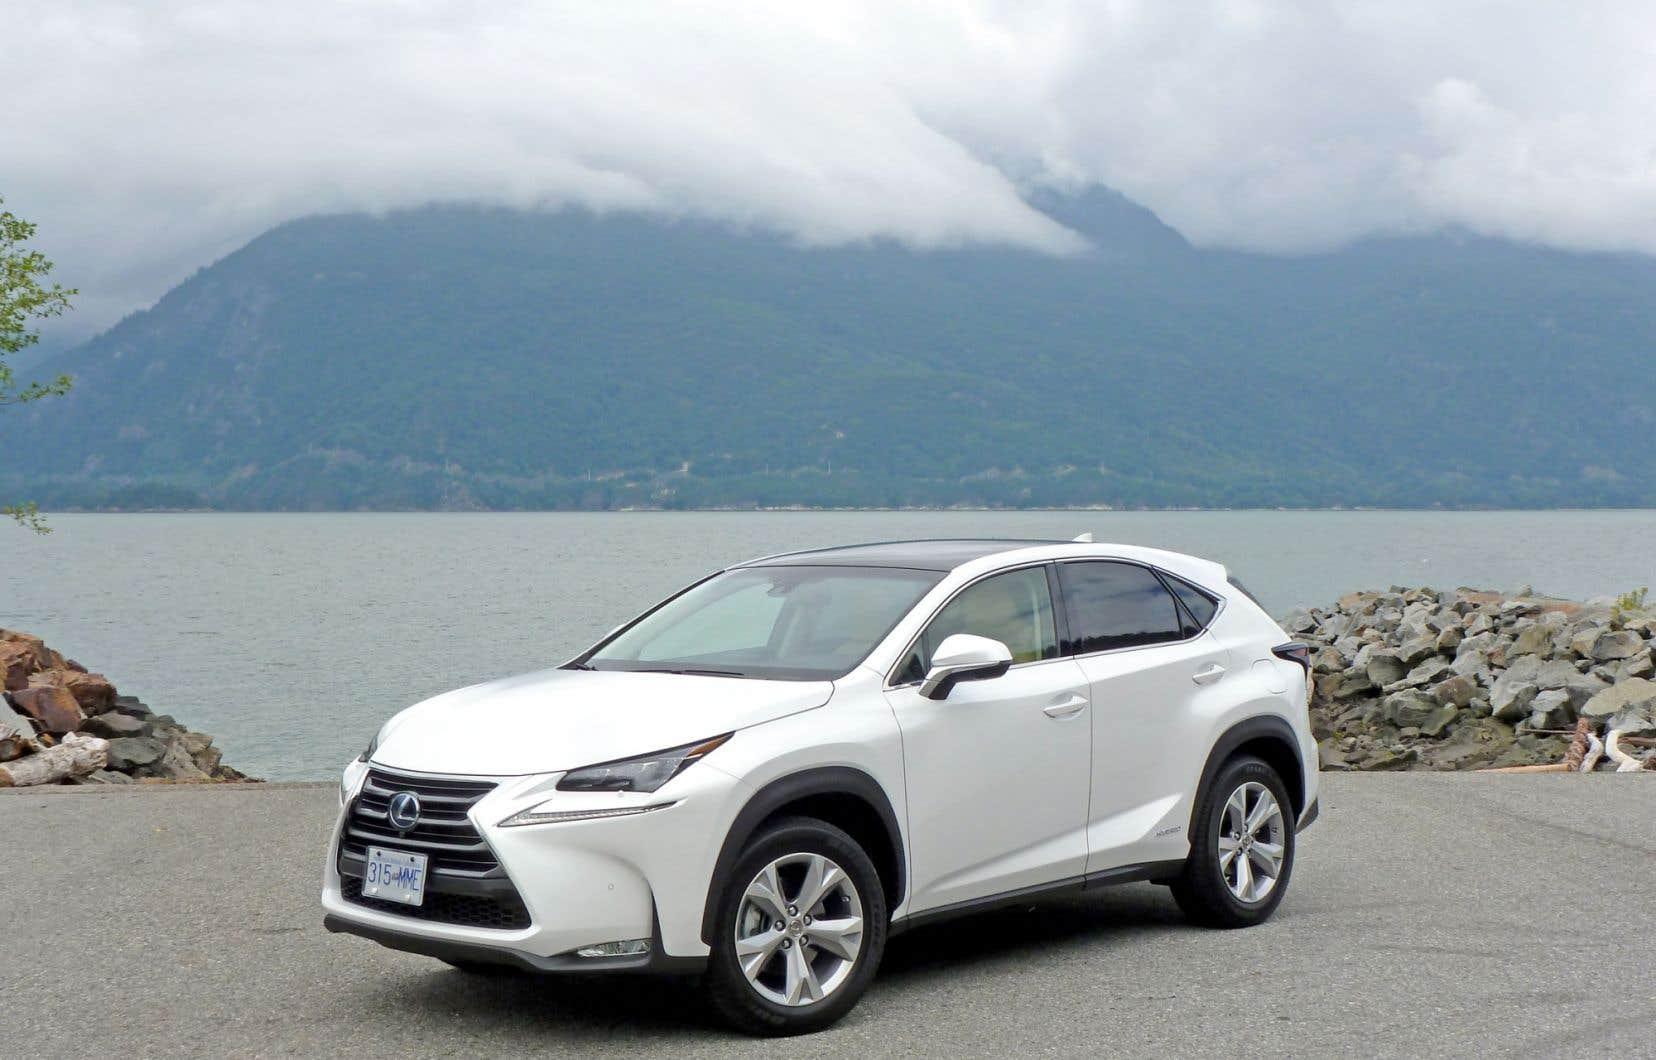 Le nouveau modèle du constructeur Lexus se positionne comme l'entrée de gamme des VUS Lexus, mais son design revitalise l'image de la marque.